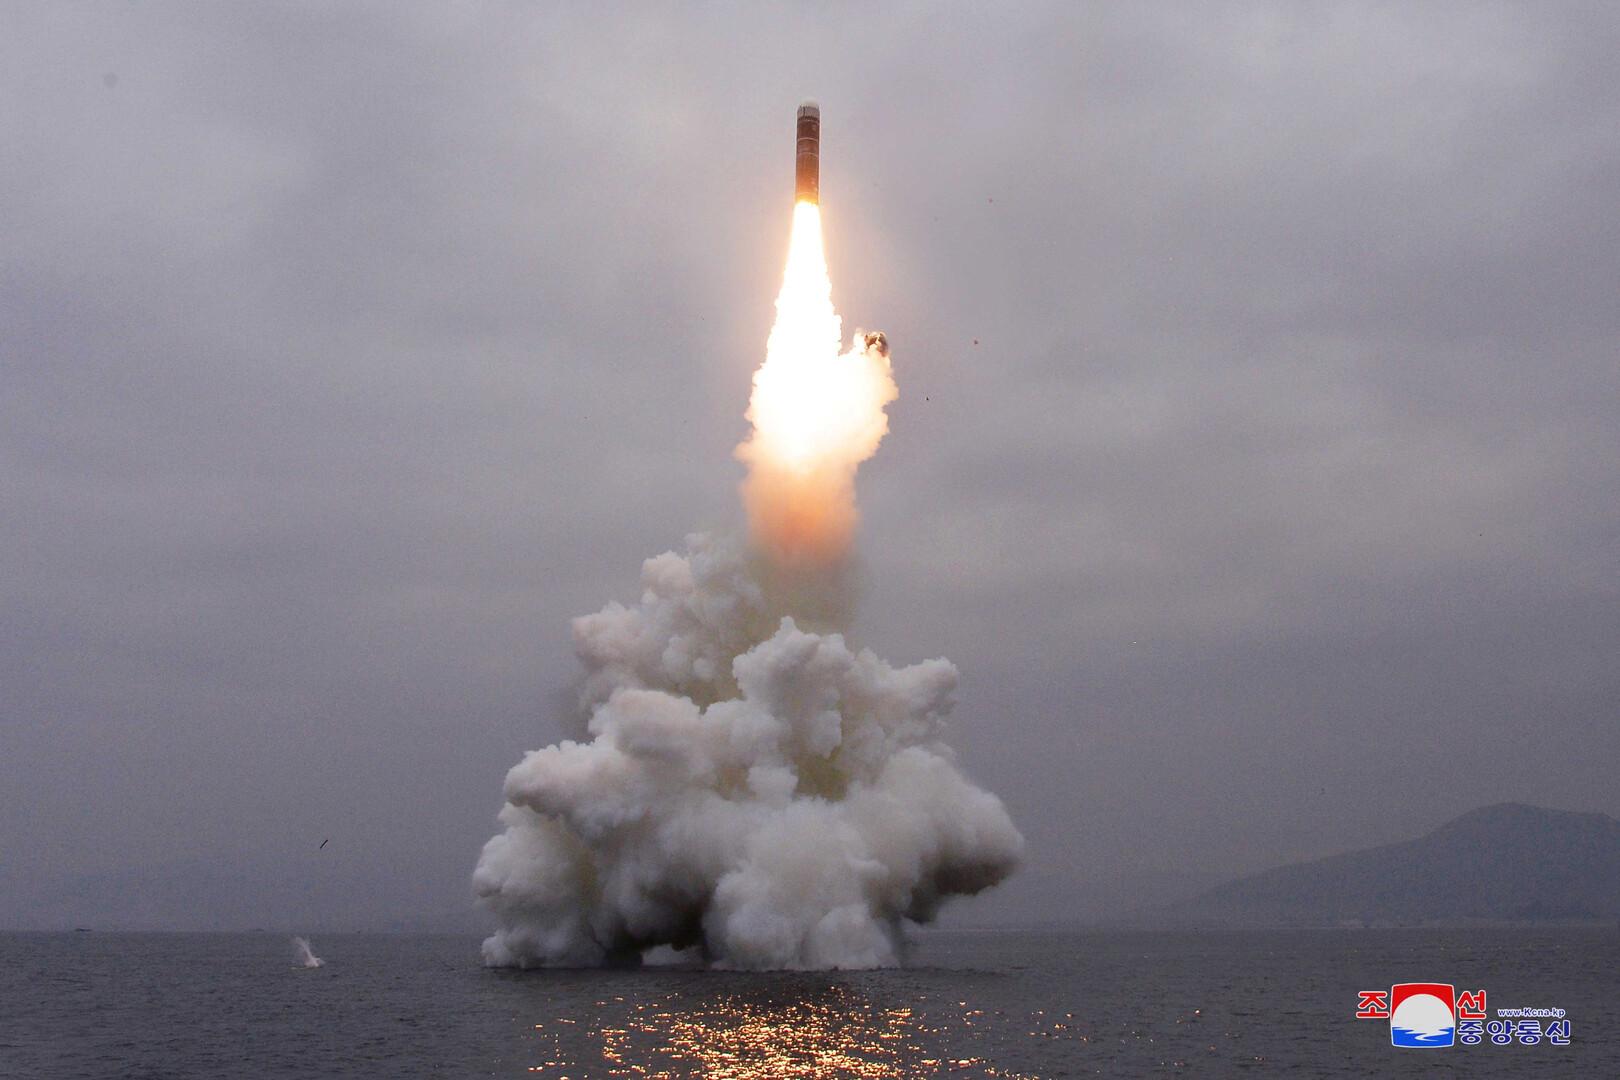 كوريا الشمالية تفاجئ البنتاغون بصاروخ جديد من تحت الماء!